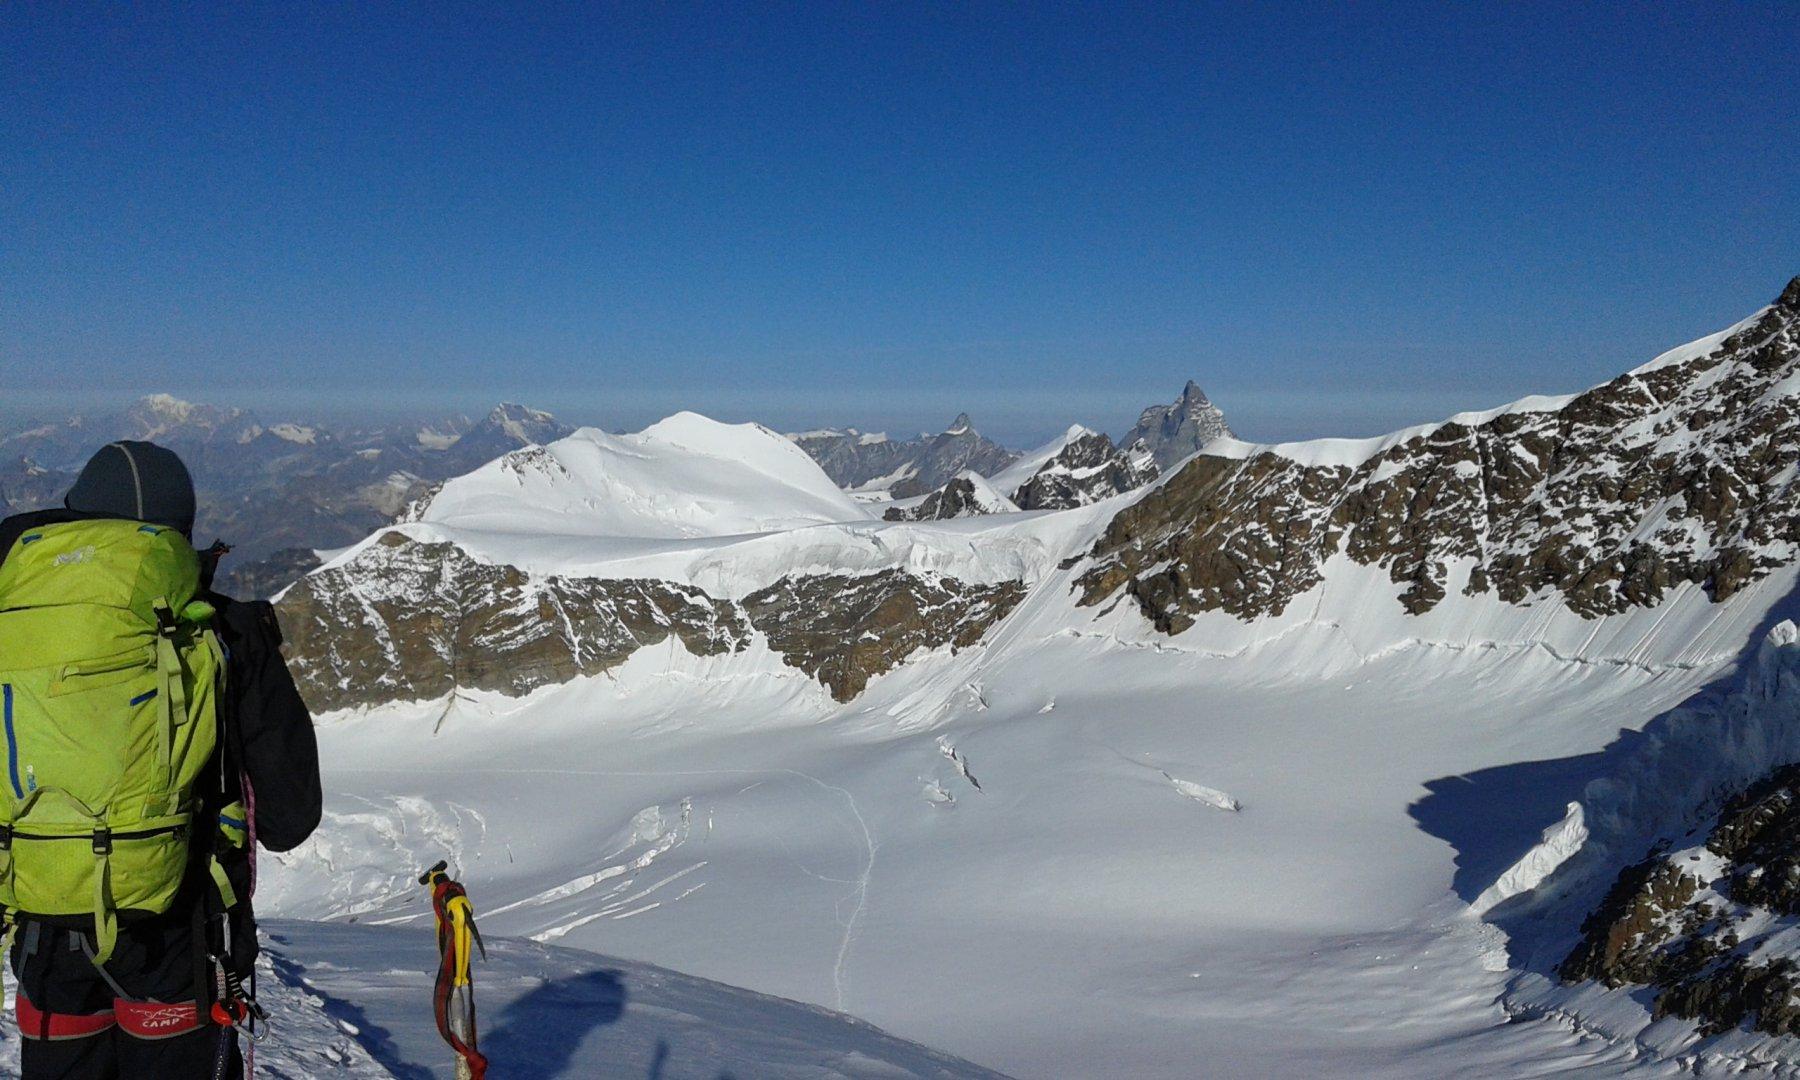 Dal naso si vede la traccia di salita sul ghiacciaio del Lys